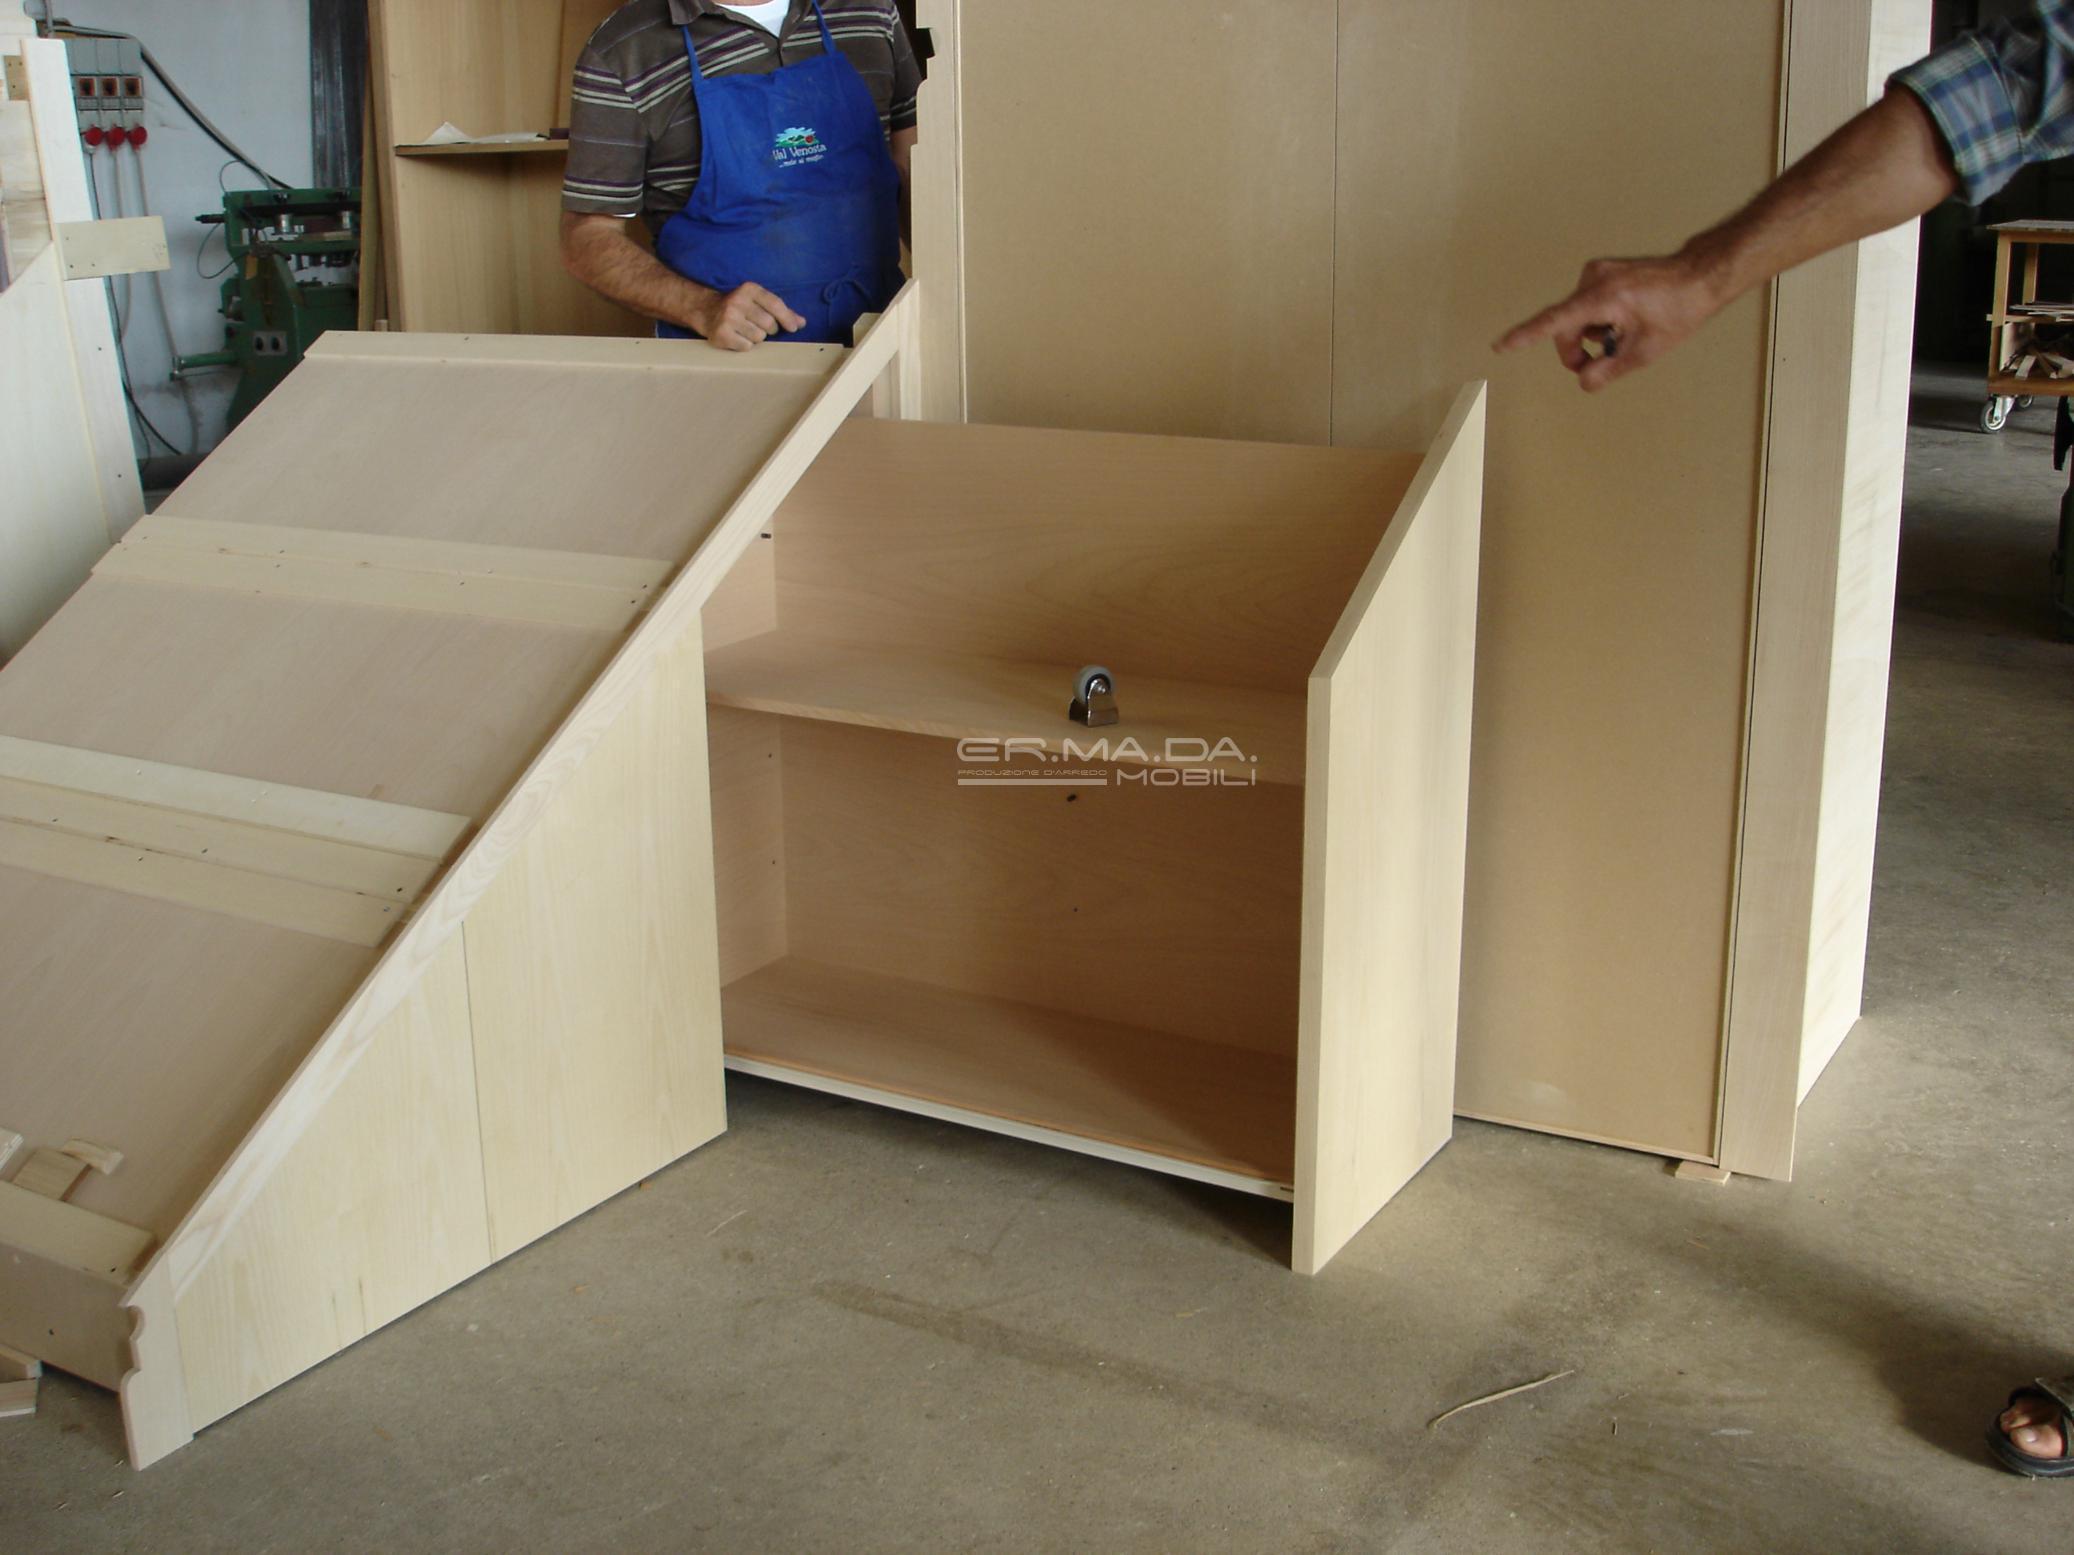 Sottoscala er ma da mobilificio progetta e for Progetta i tuoi mobili online